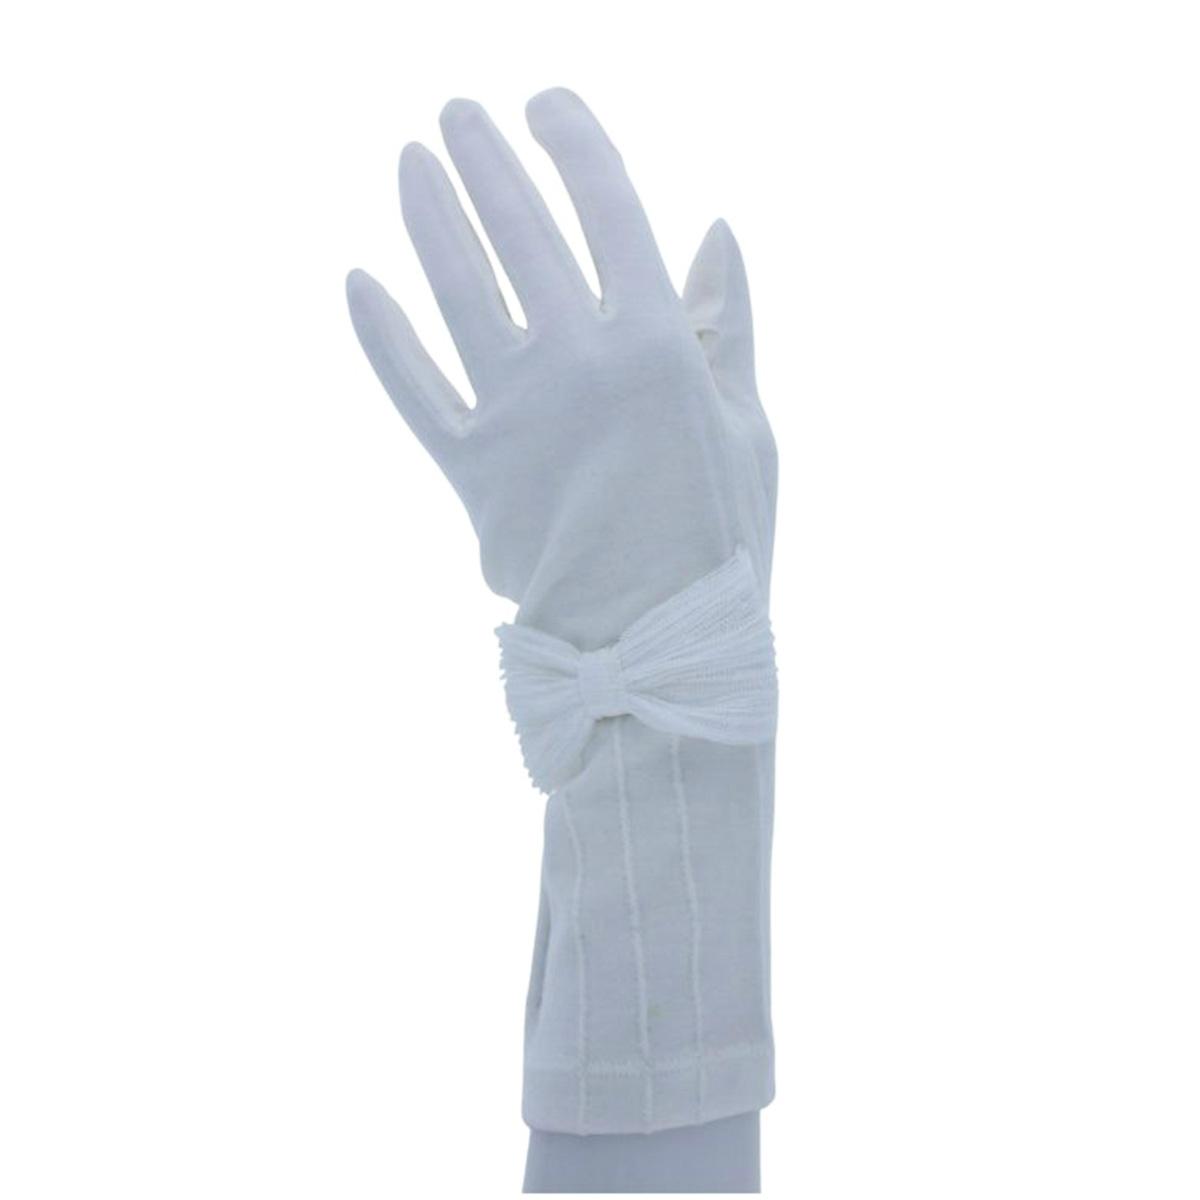 アルタクラッセ UV手袋 UVカット 紫外線対策 長めショート丈 27cm 接触冷感 ひんやり 抗菌 ストレッチ 保湿 スマホ タッチパネル対応 リボン プレゼント